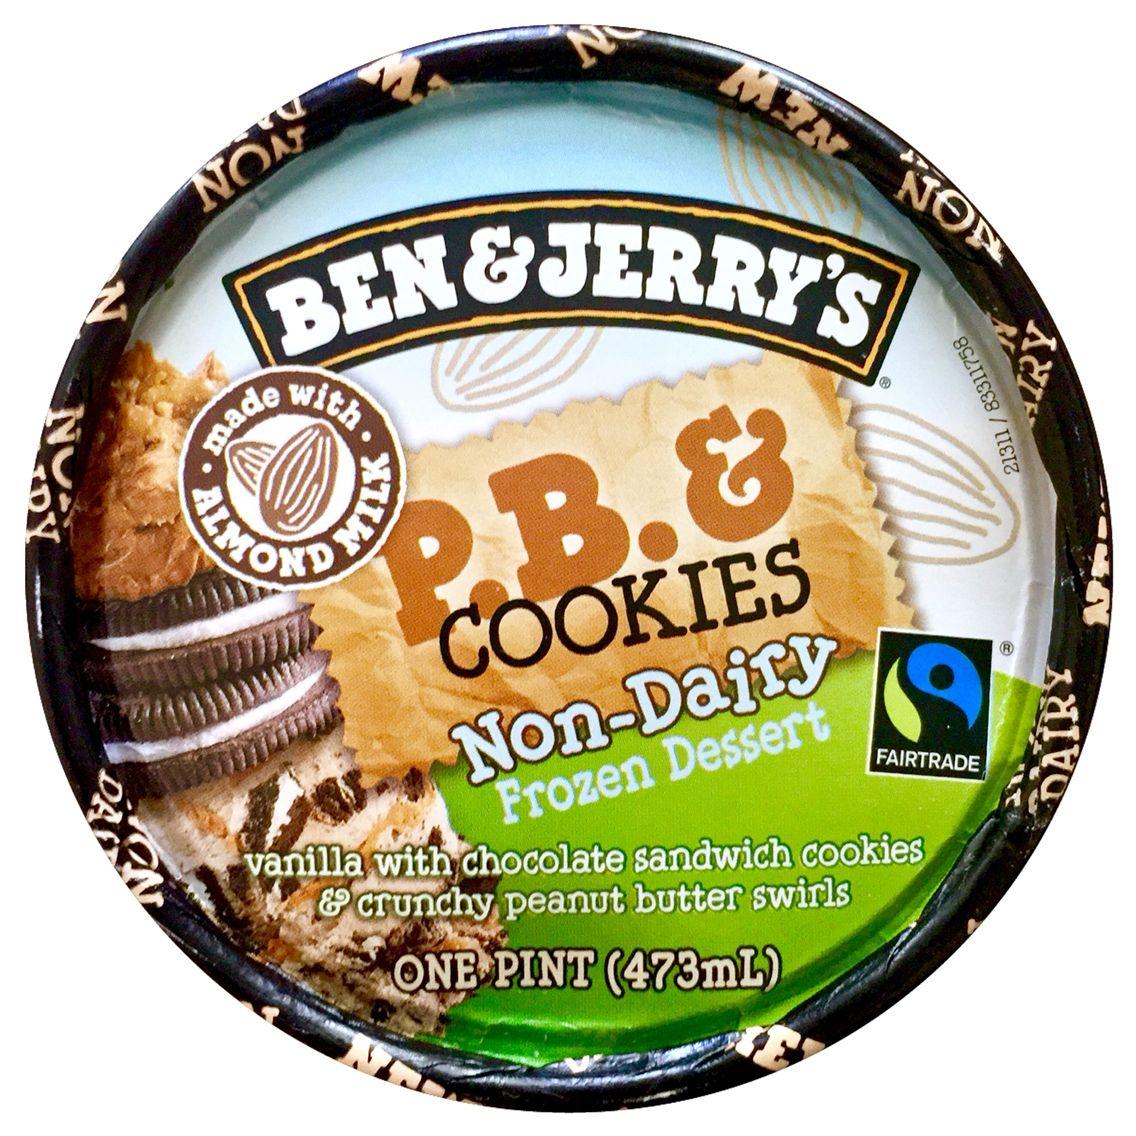 Ben \u0026 Jerry\u0027s P.B. \u0026 Cookies Non-Dairy Frozen Dessert, Pint, Scoop ...